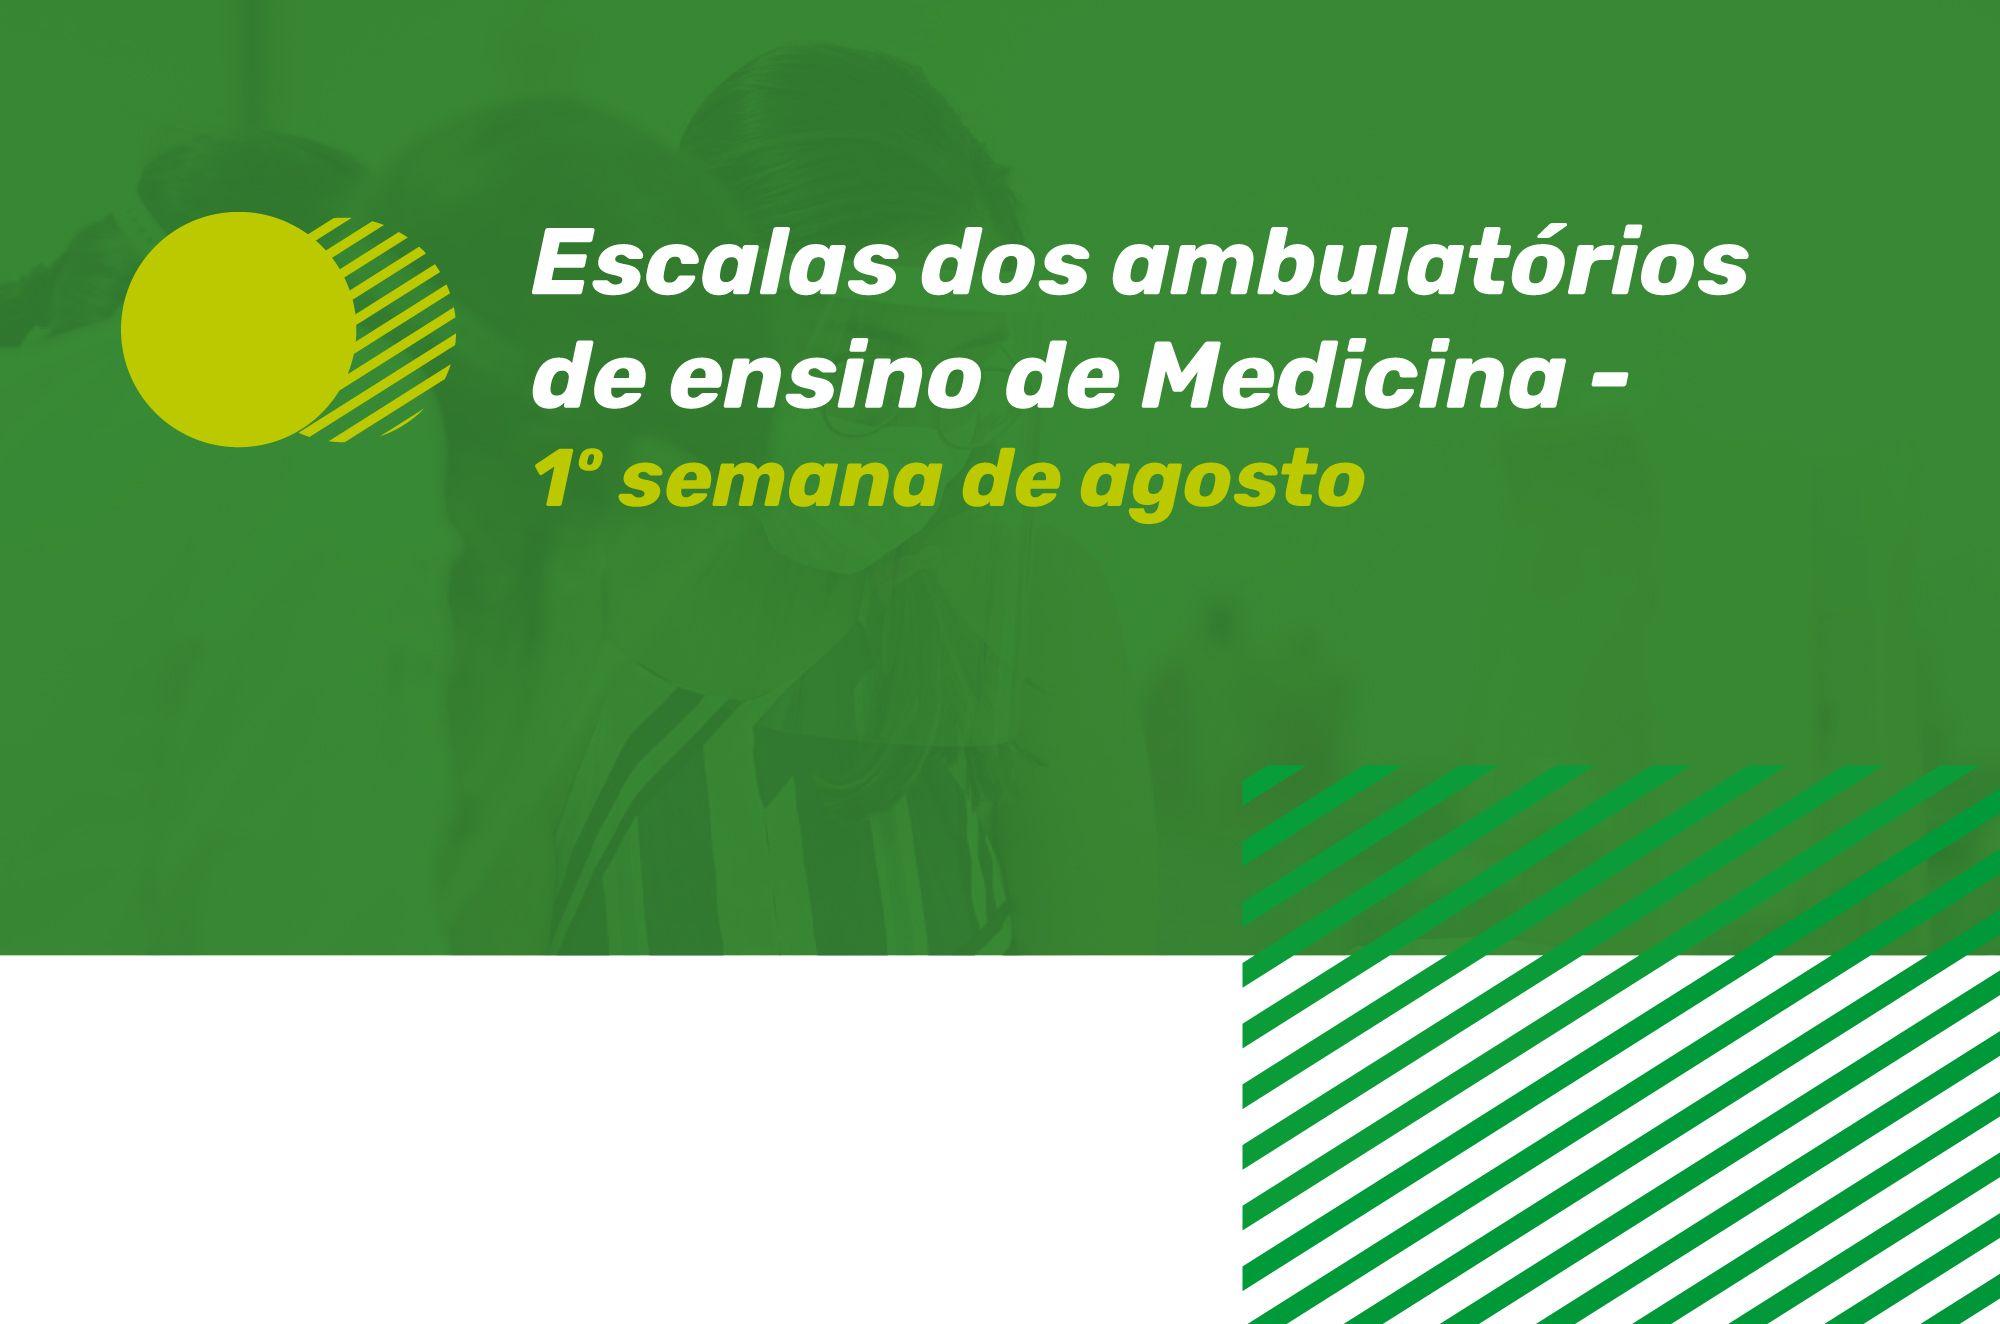 ESCALAS AMBULATÓRIO DE ENSINO - 1ª semana de agosto